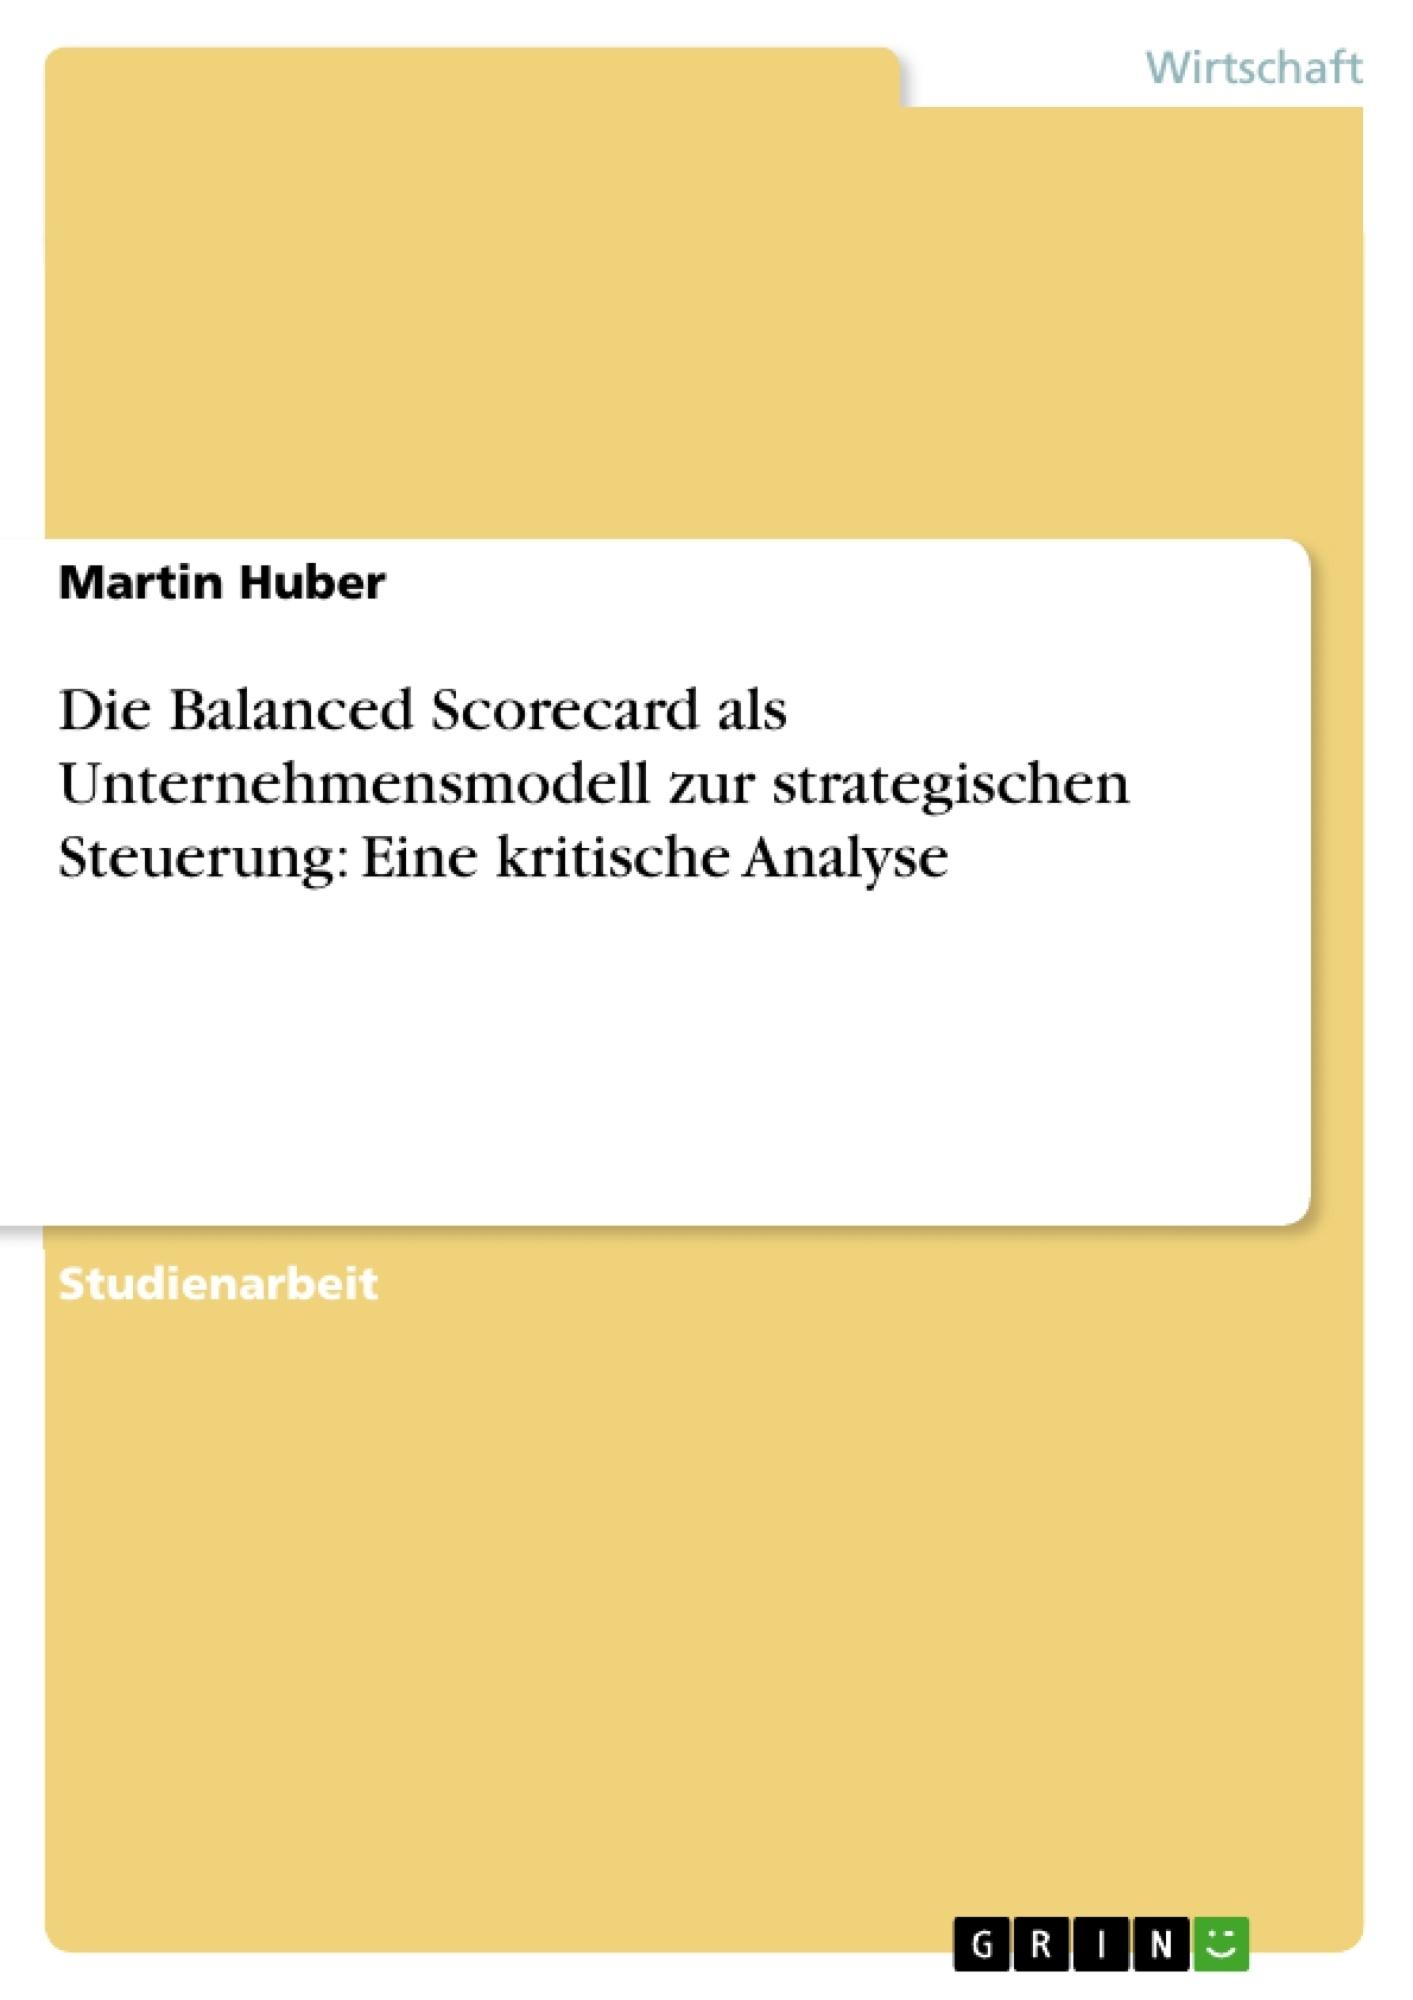 Titel: Die Balanced Scorecard als Unternehmensmodell zur strategischen Steuerung: Eine kritische Analyse